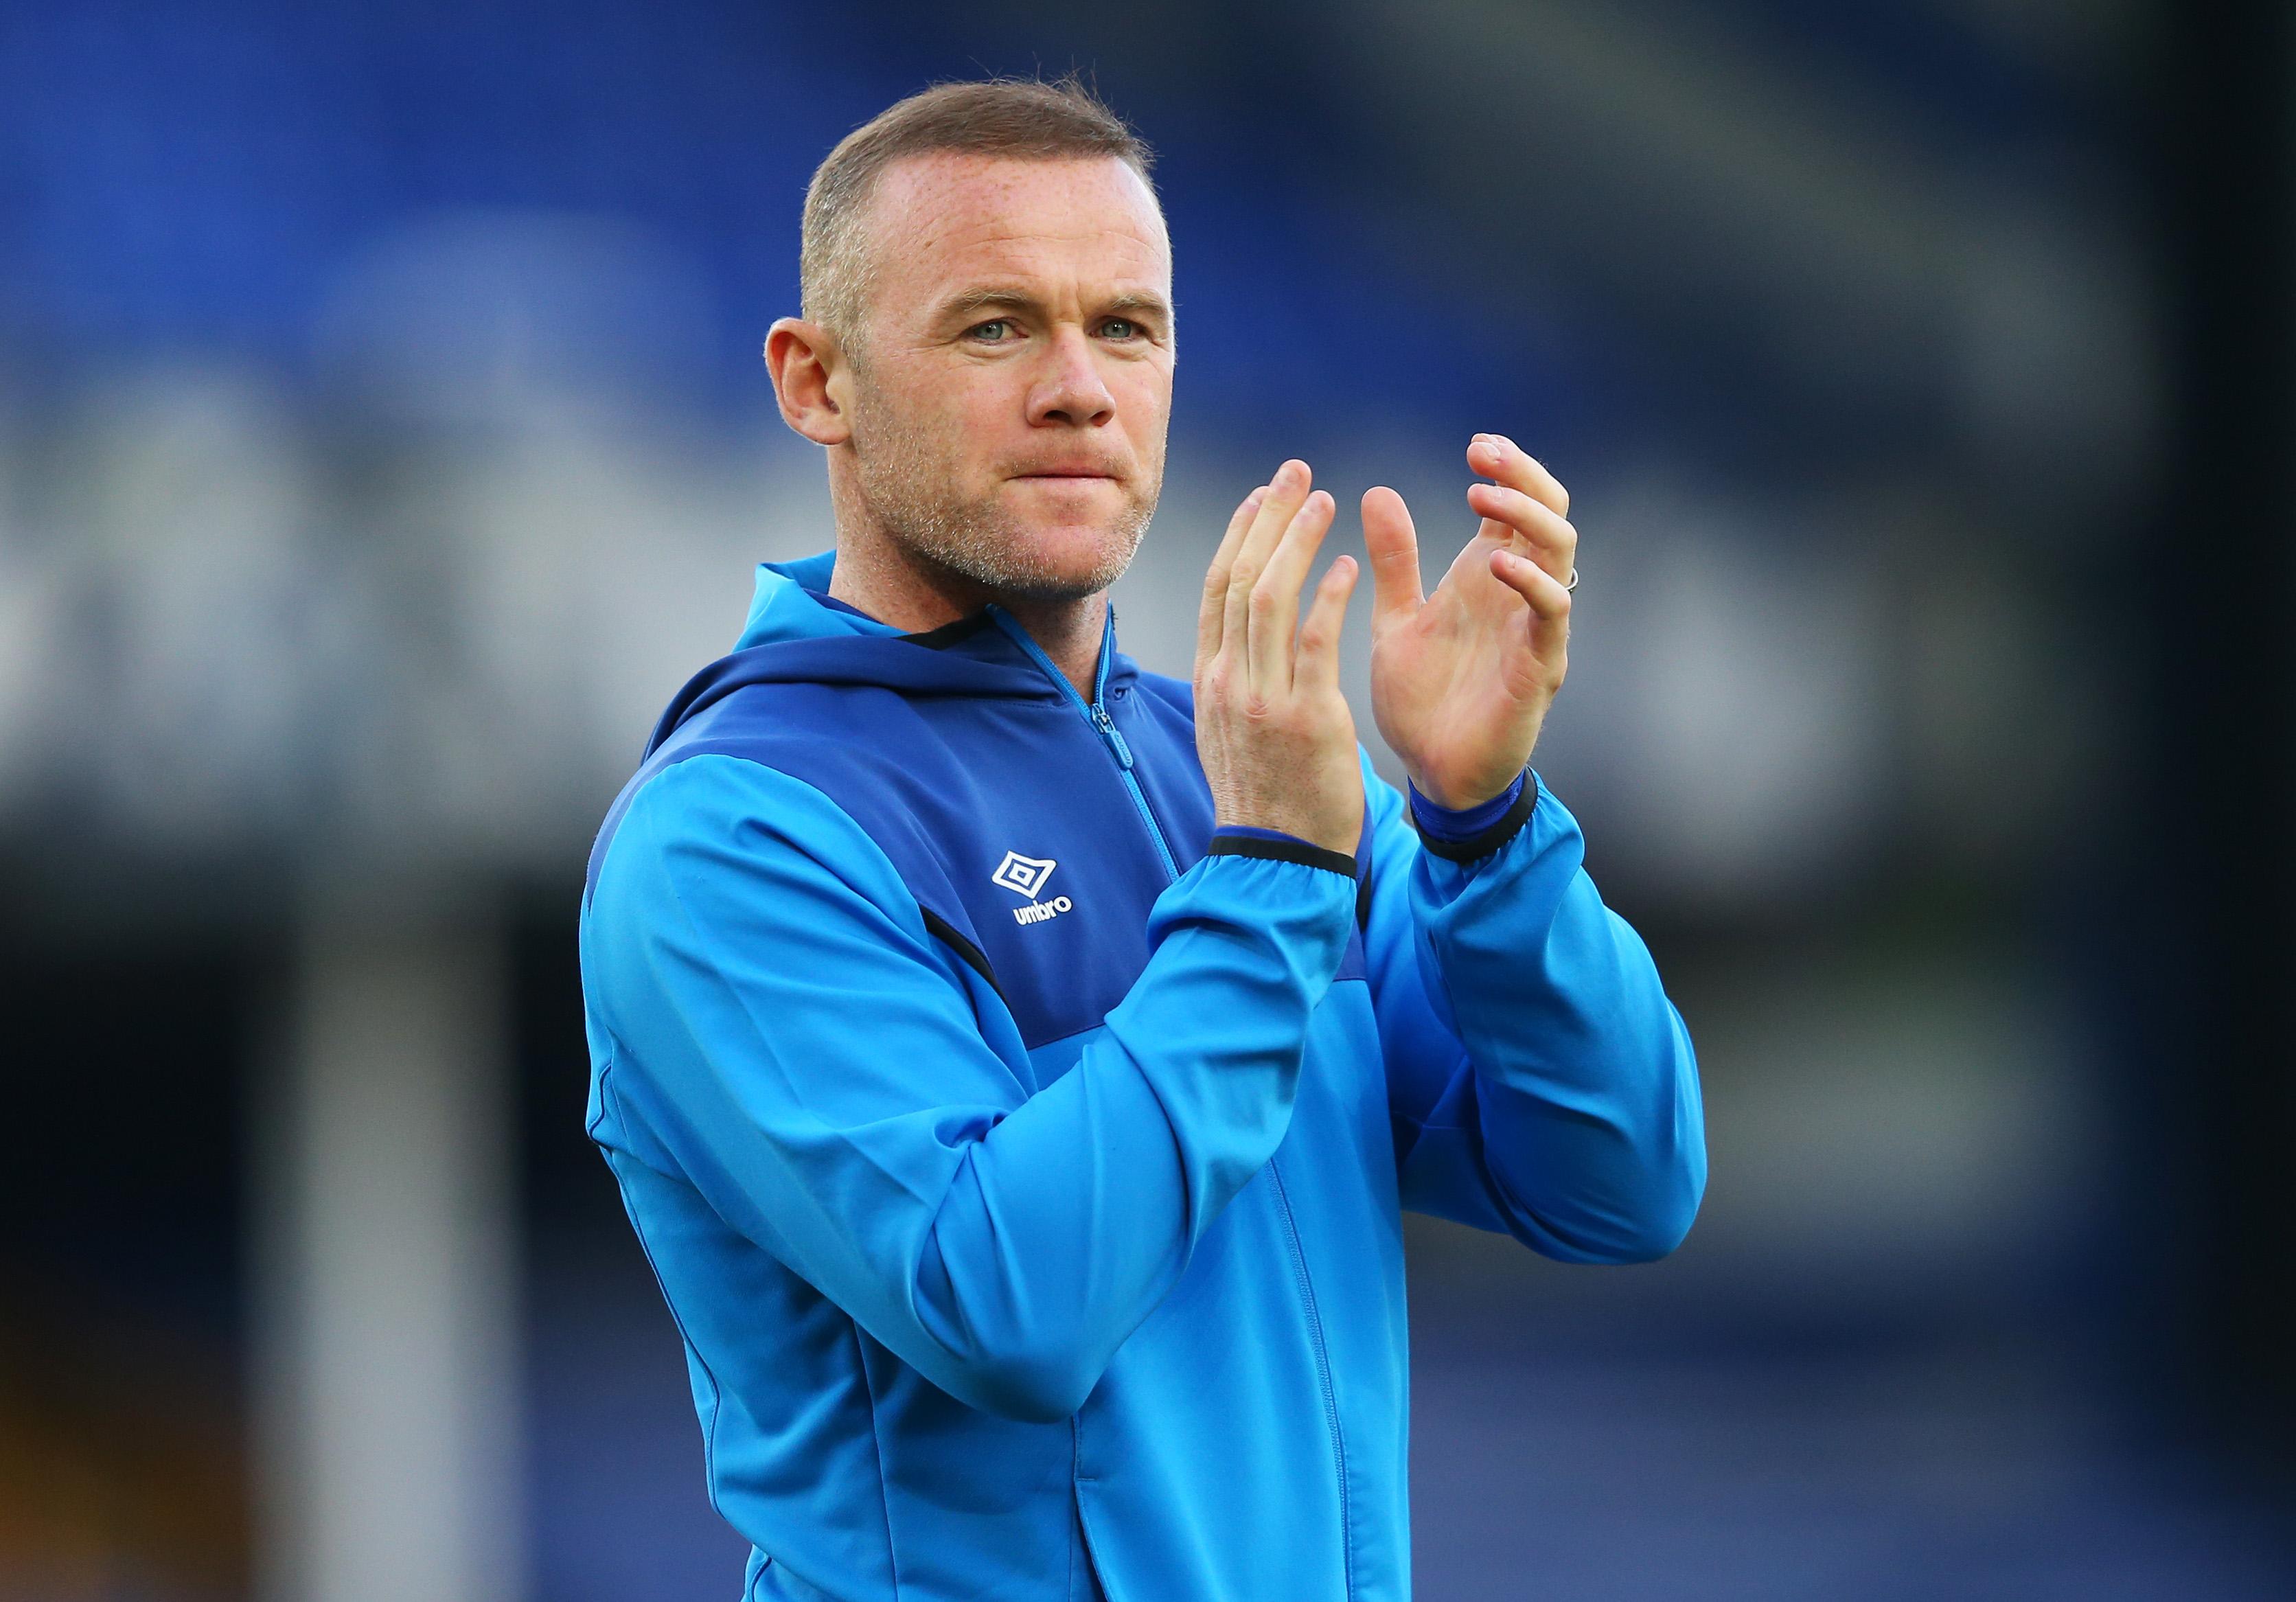 Wayne Rooney - Everton - Premier League